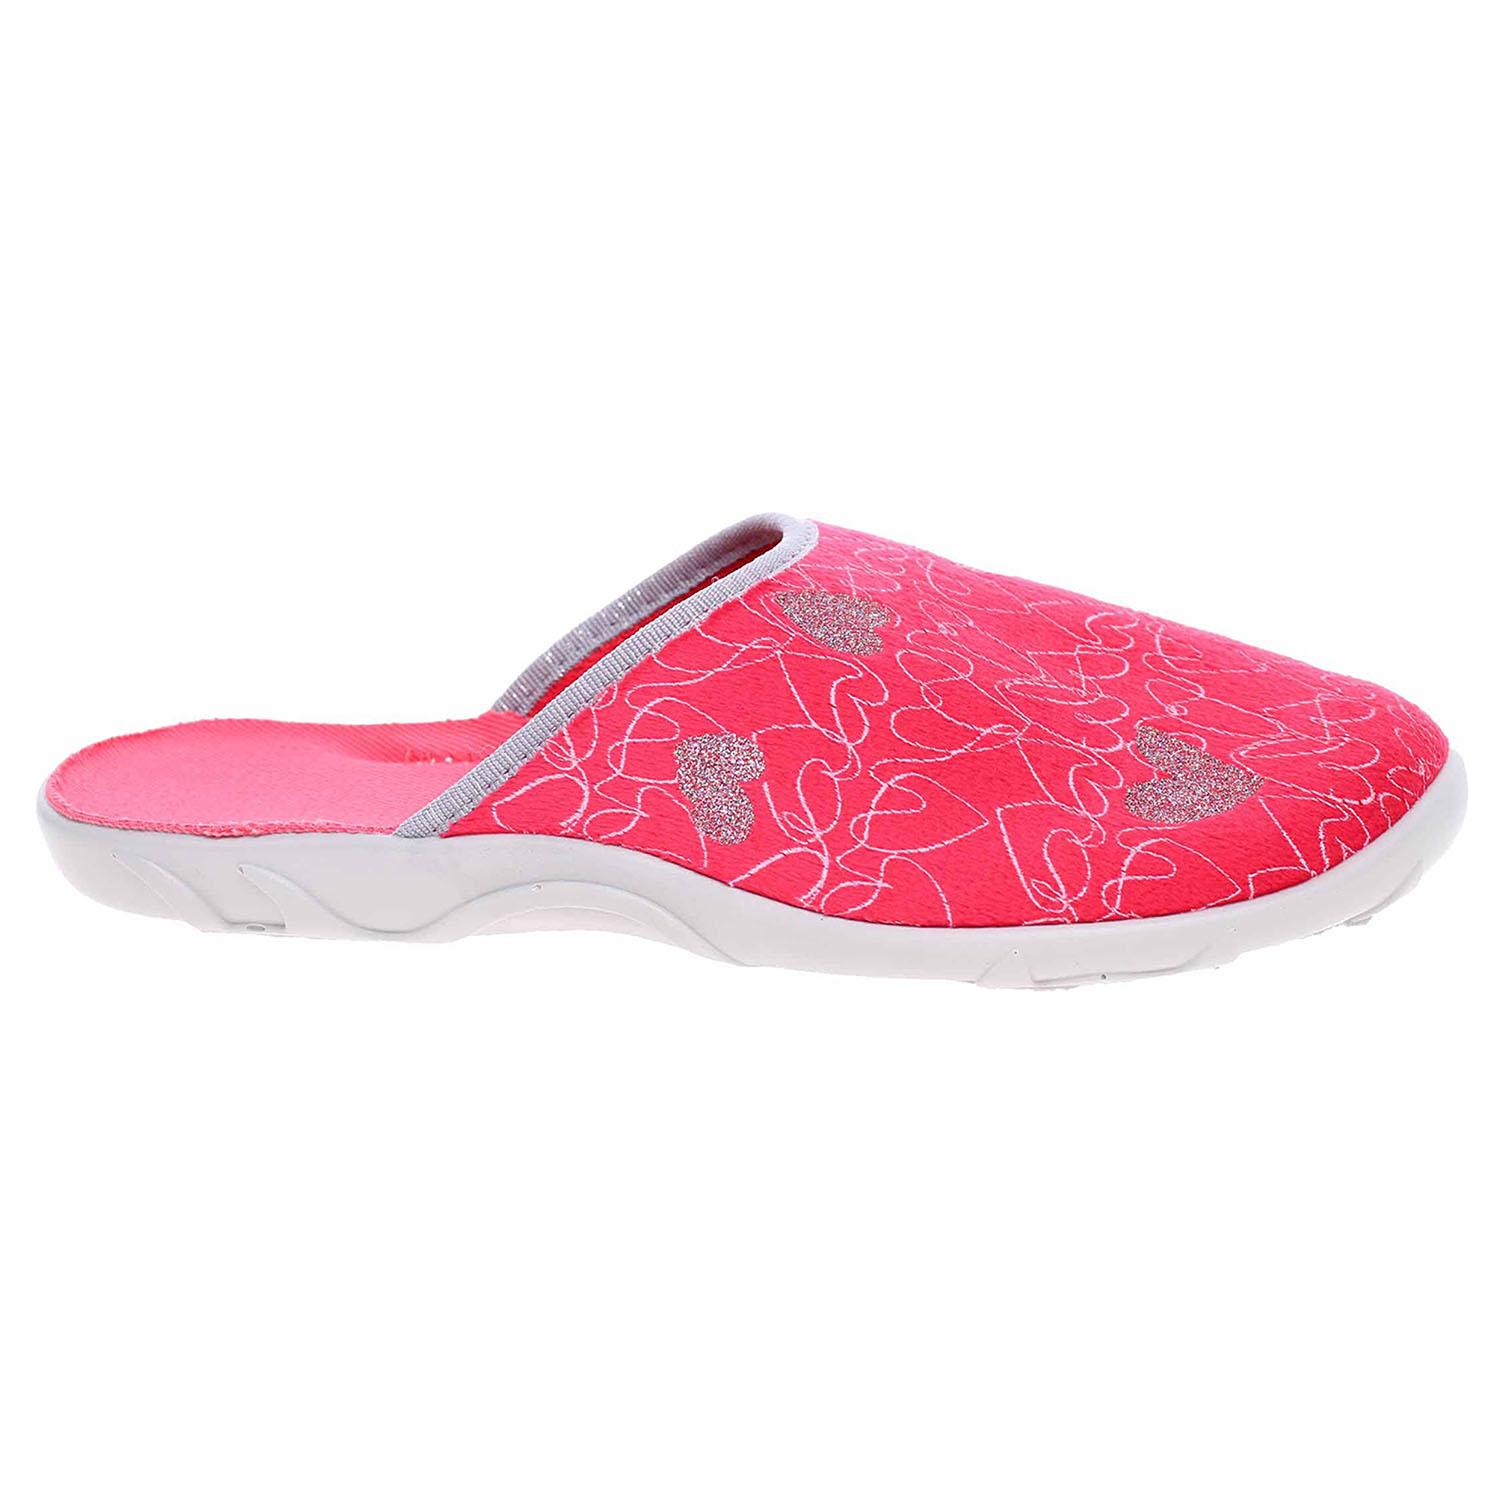 Dámské domácí pantofle Befado 235D160 červená 235D160 38